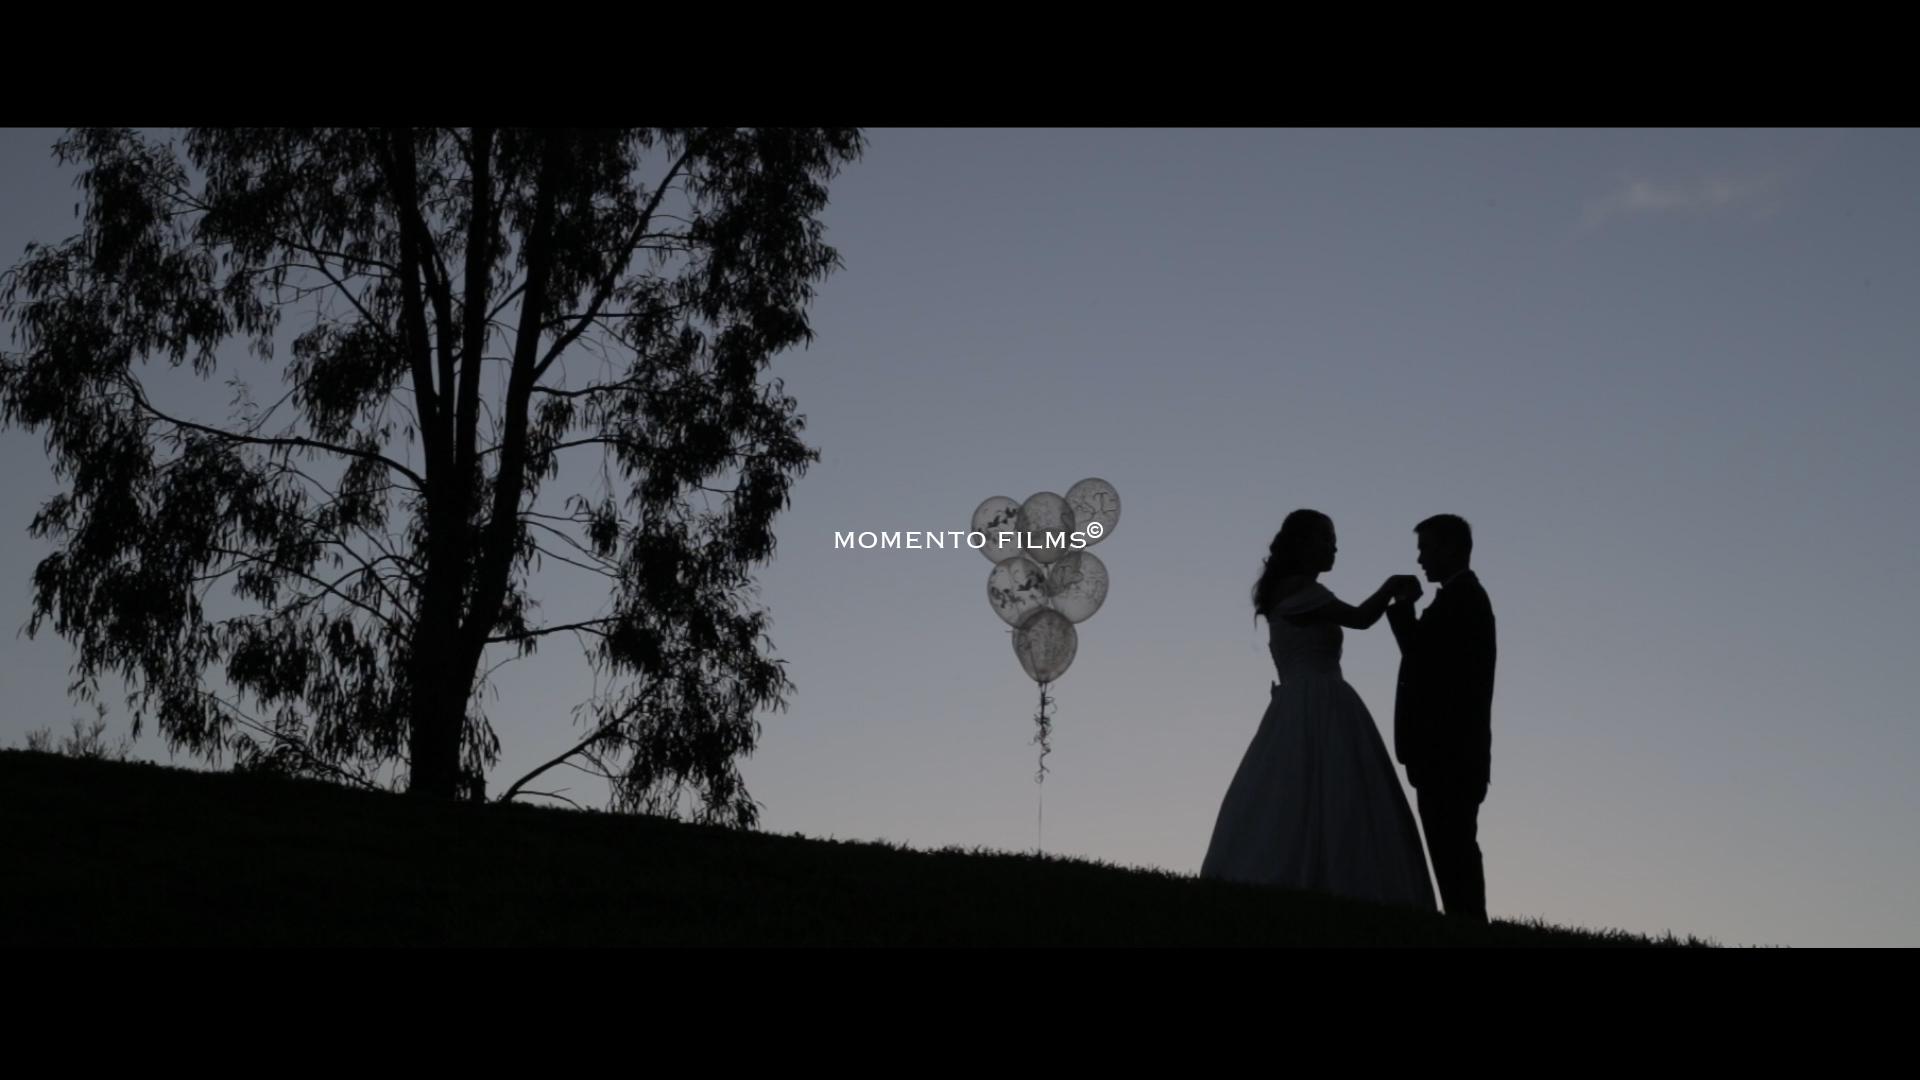 M    omento Films Videography                          www.momentofilms.com.au                      Ph: 0476 869 544